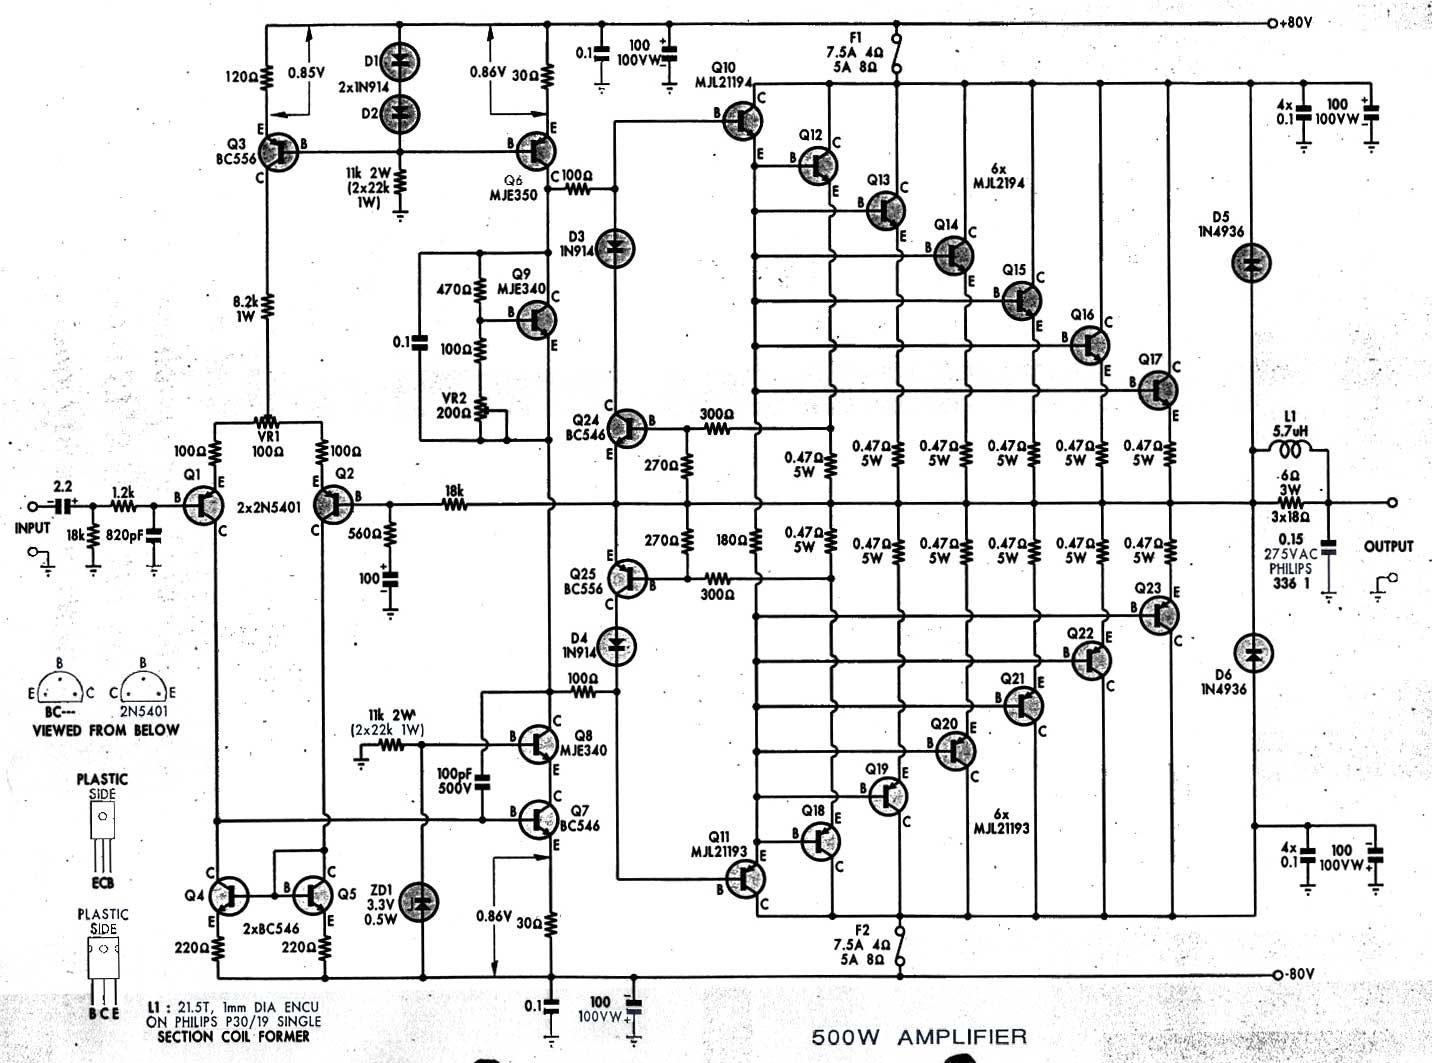 Solucionado Amplificador 800 A W Necesito Diagrama